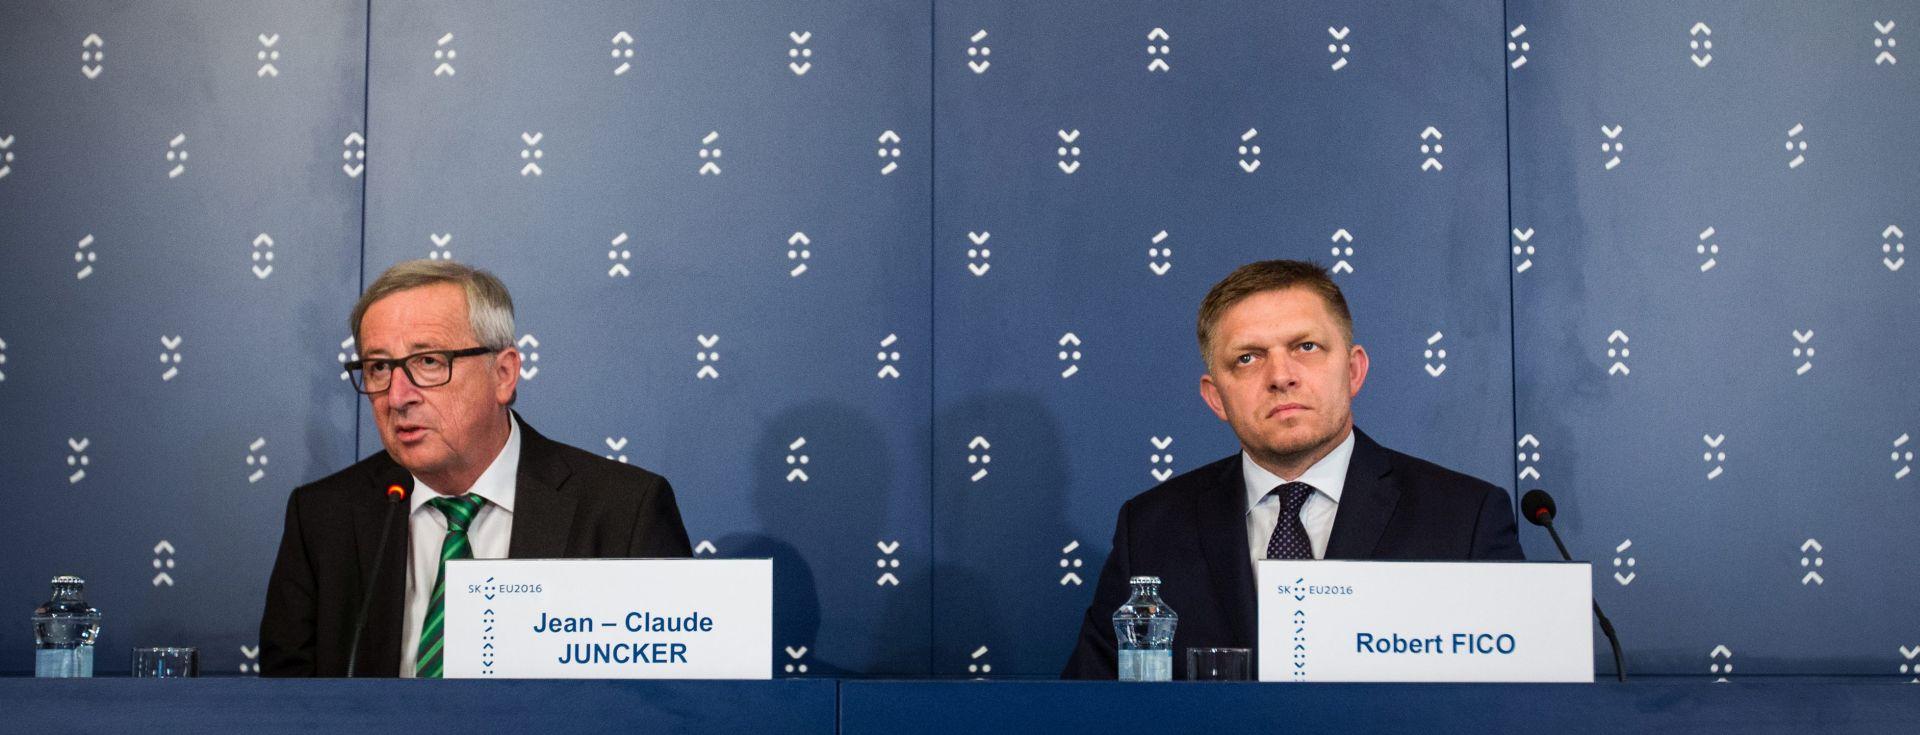 Slovačka upozorava na rizik od terorizma zbog migranata